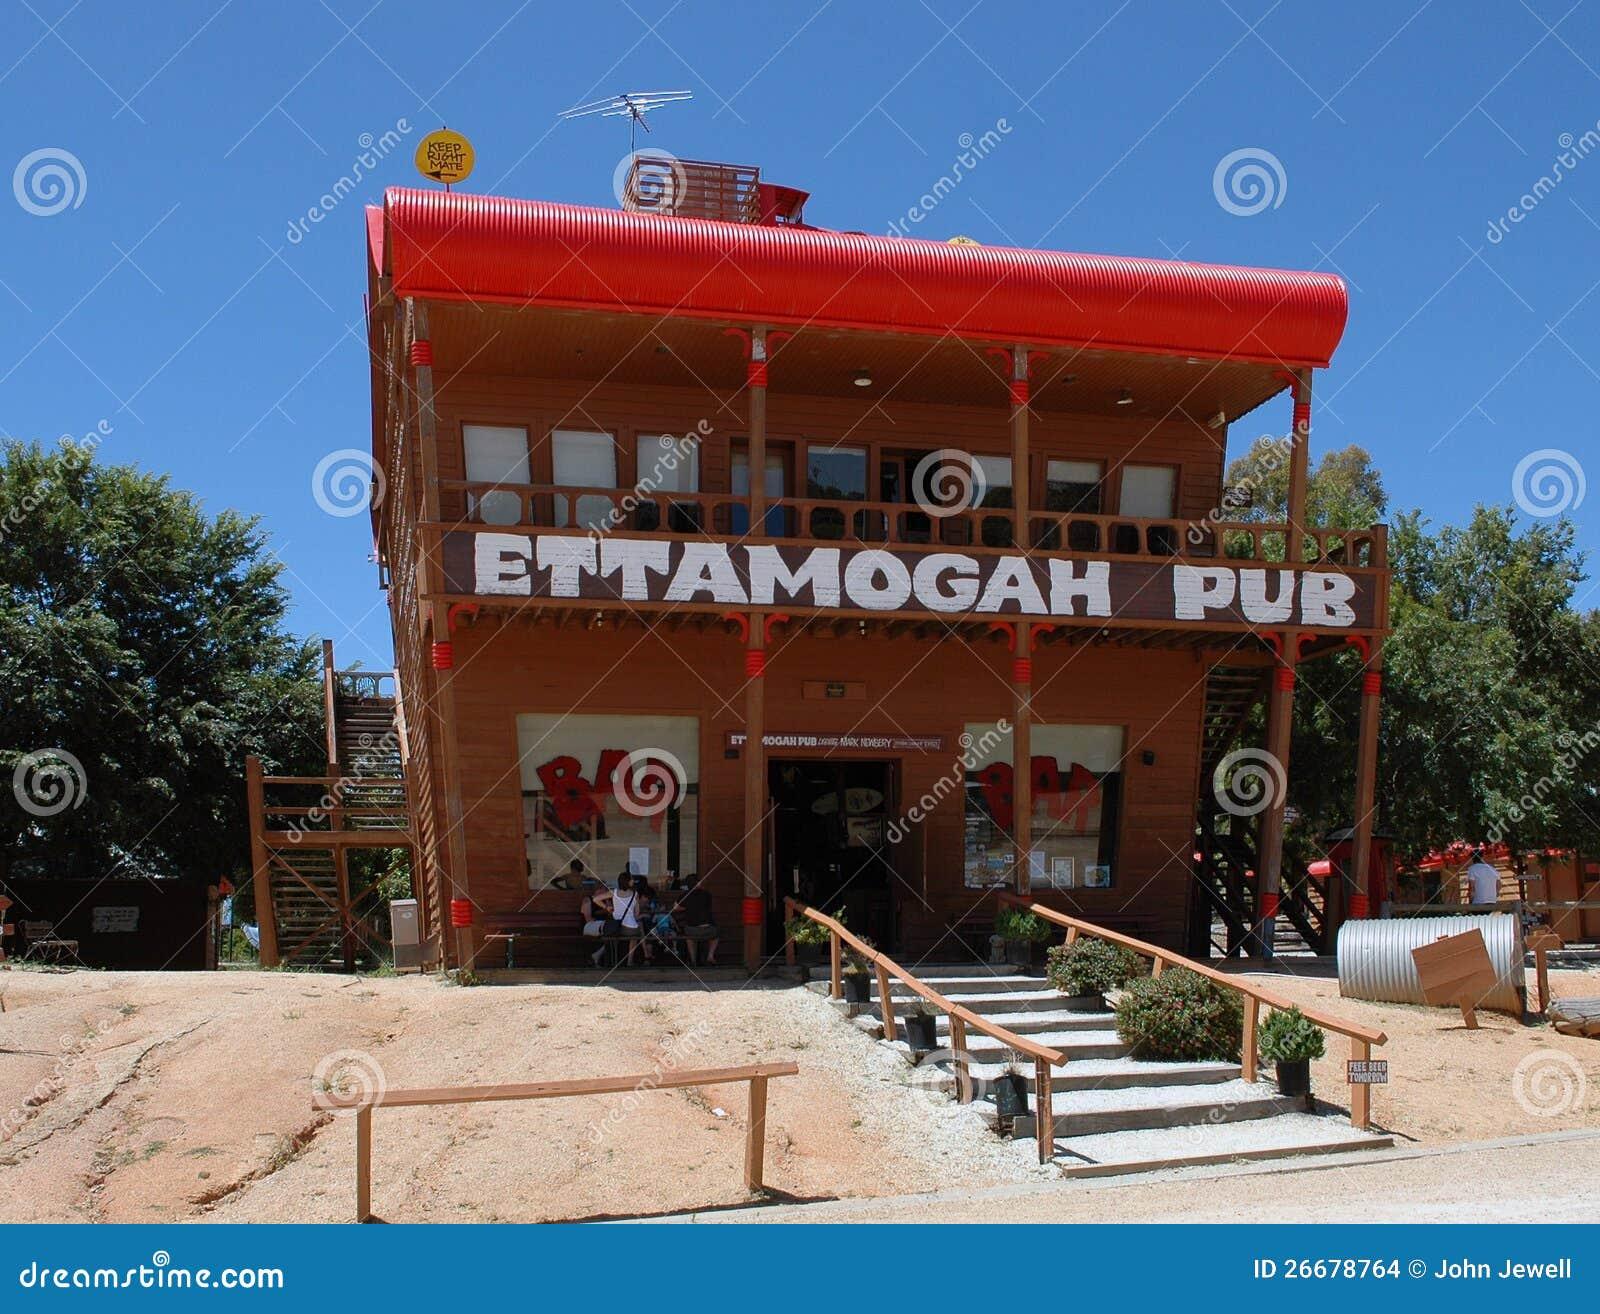 Ettamogah Pub.